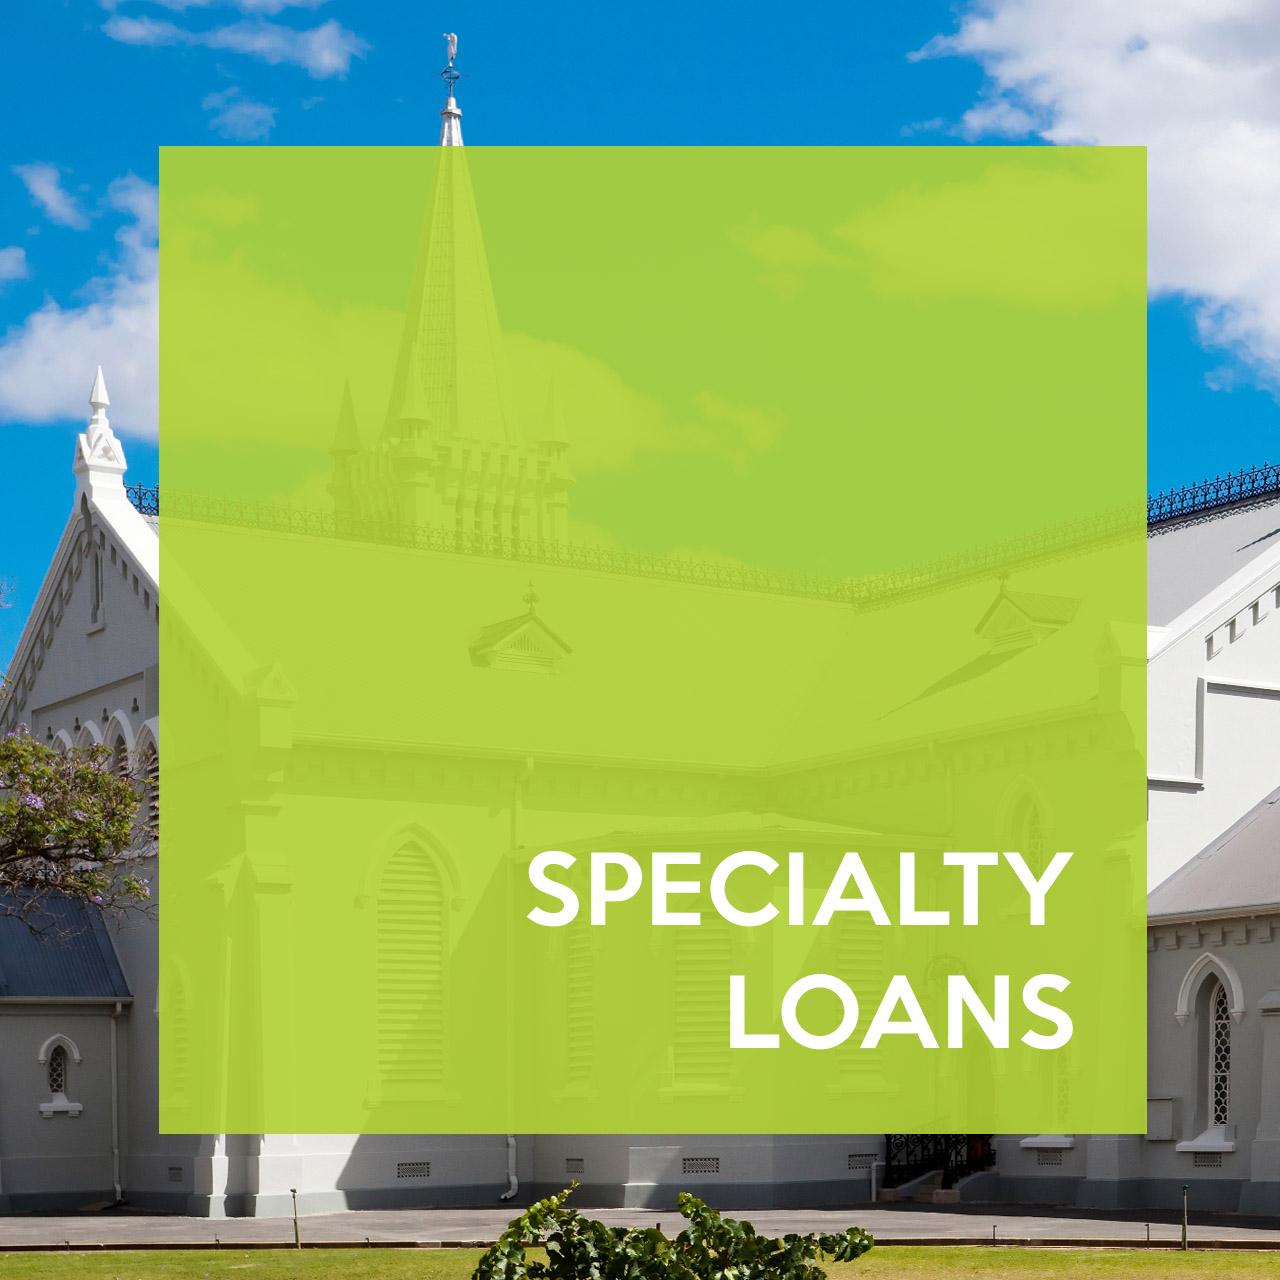 Hard Money Specialty Loans.jpg